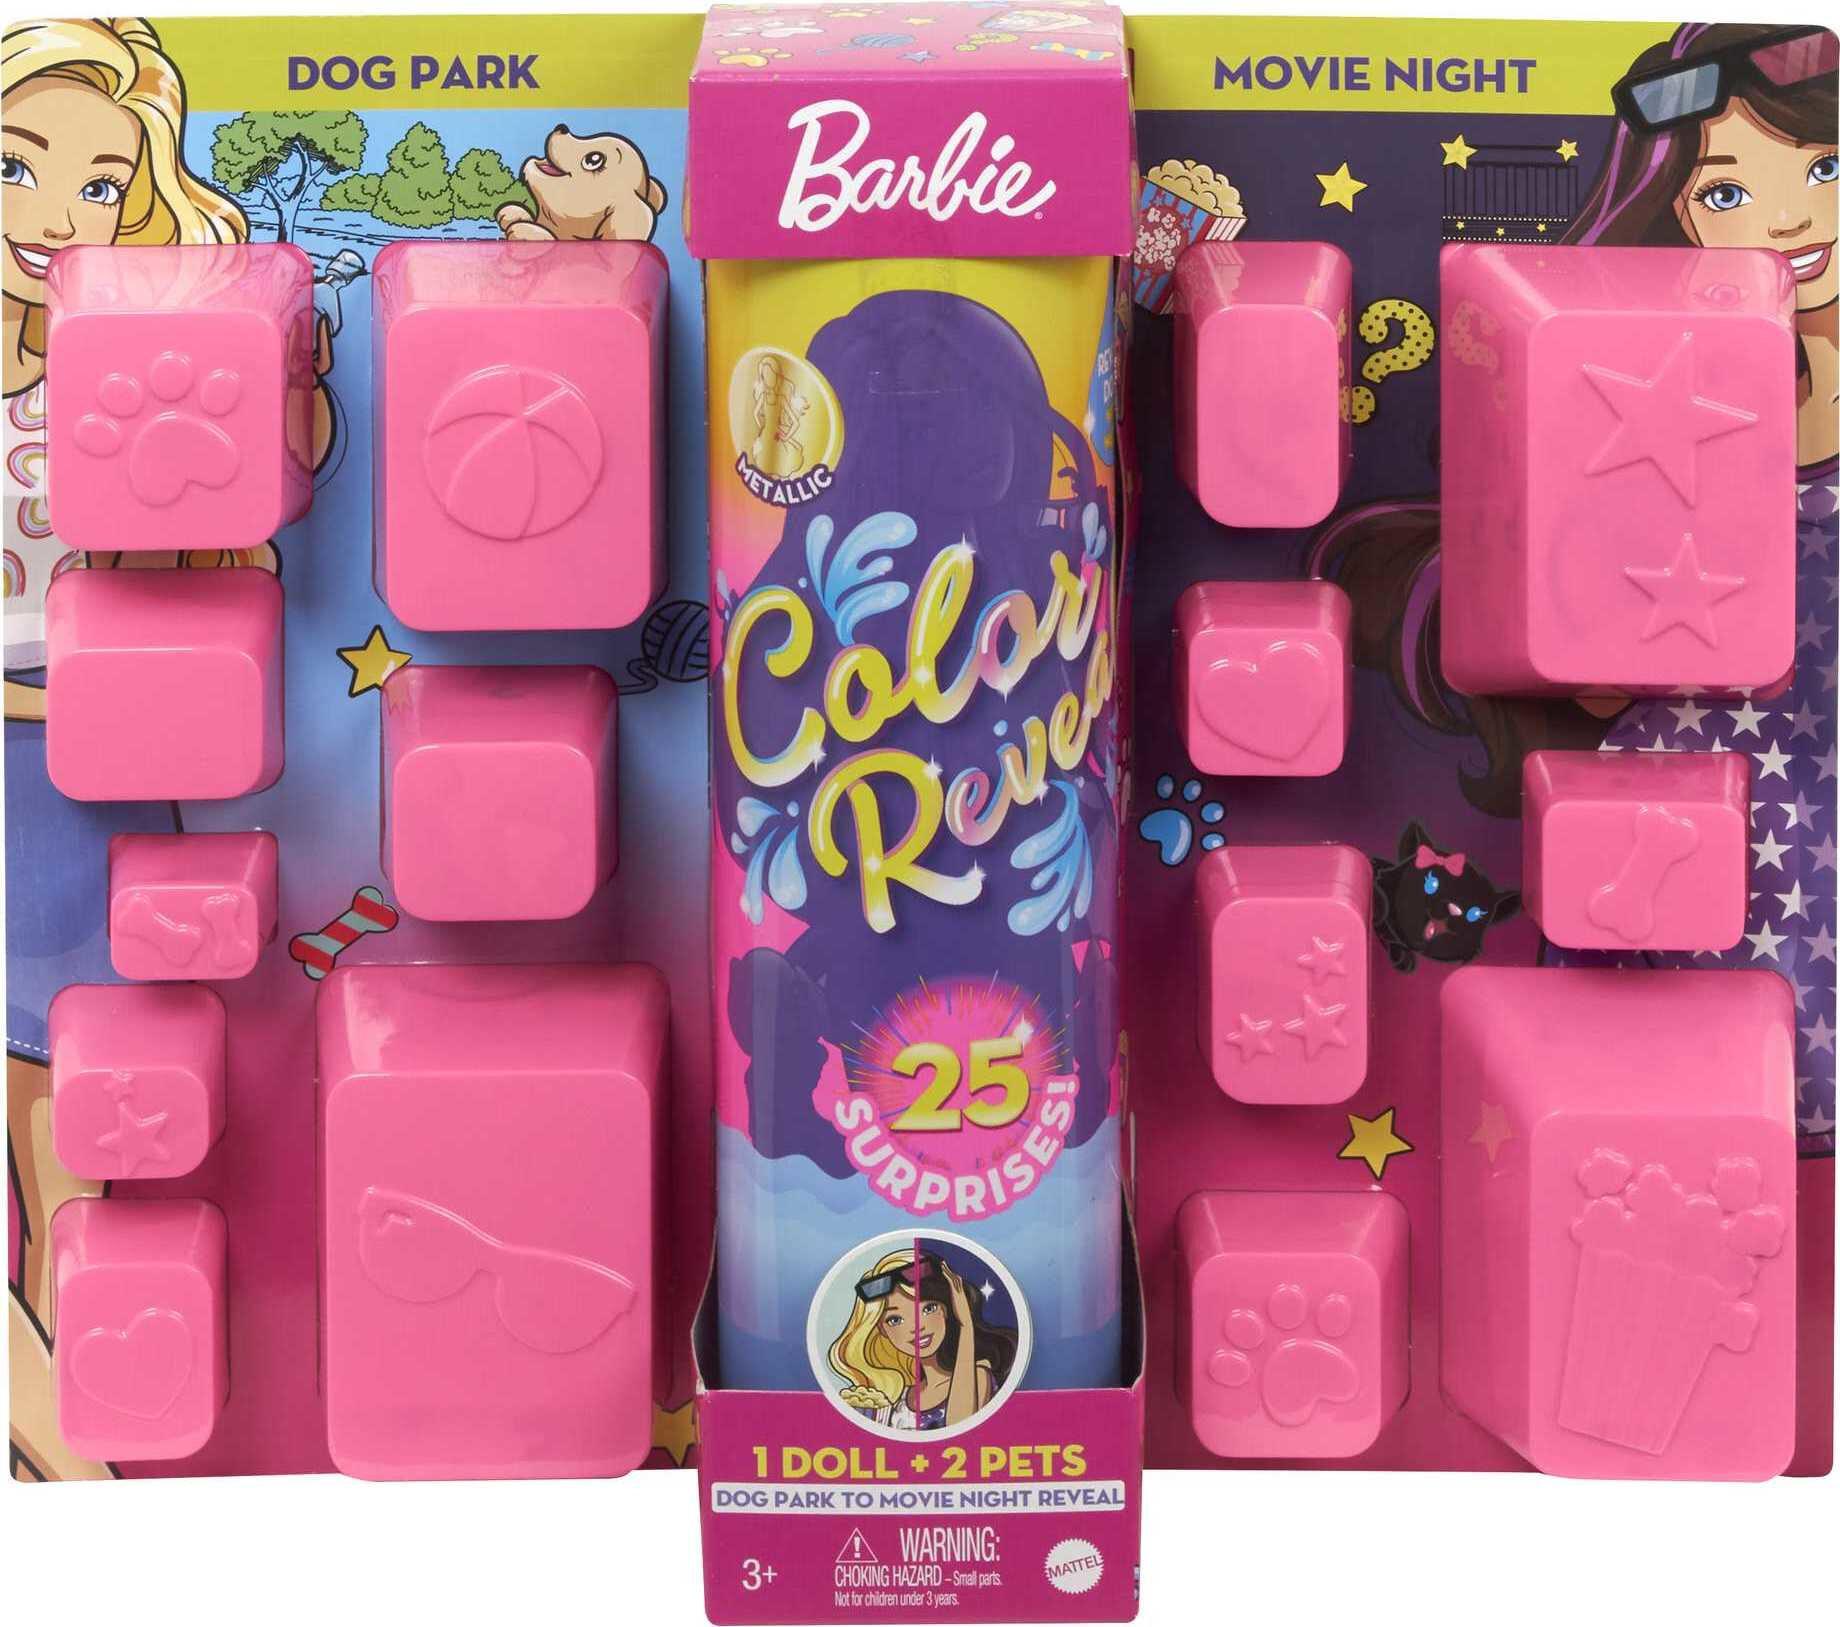 Купить Кукла Барби Ревил Цветное перевоплощение День и ночь Barbie Color Reveal Doll Day-to-Night Transformation от